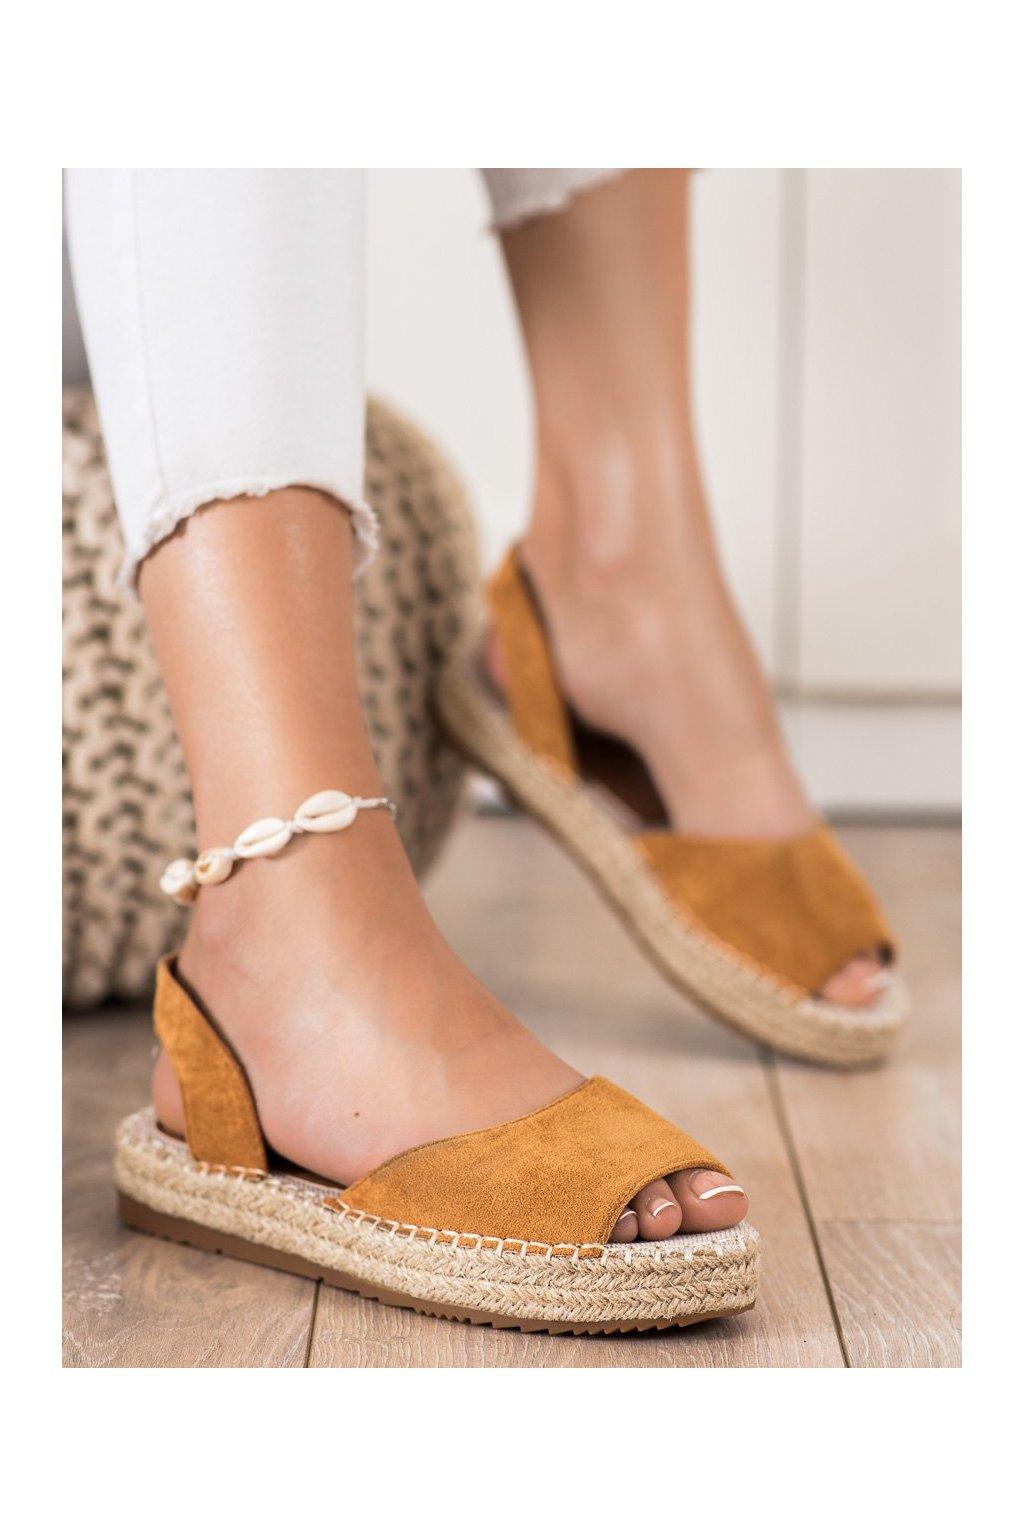 Hnedé sandále Ideal shoes kod 6915C